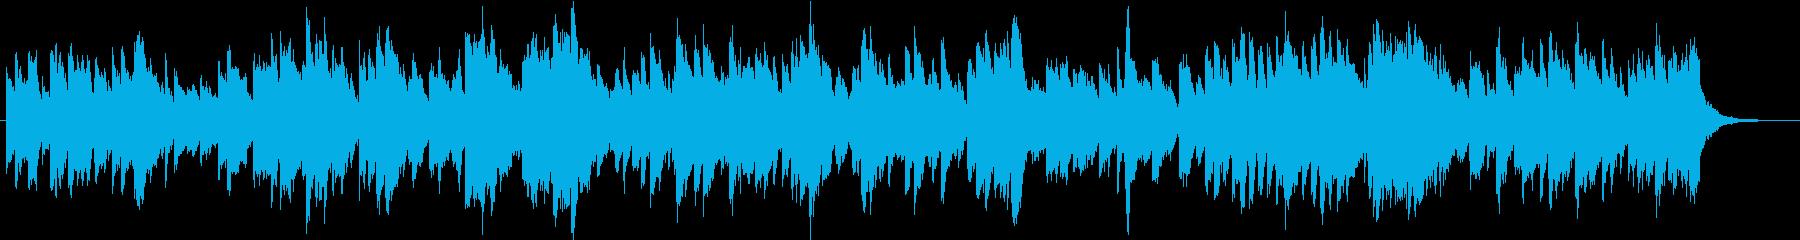 ハープで優しくエレガントなノクターン。の再生済みの波形